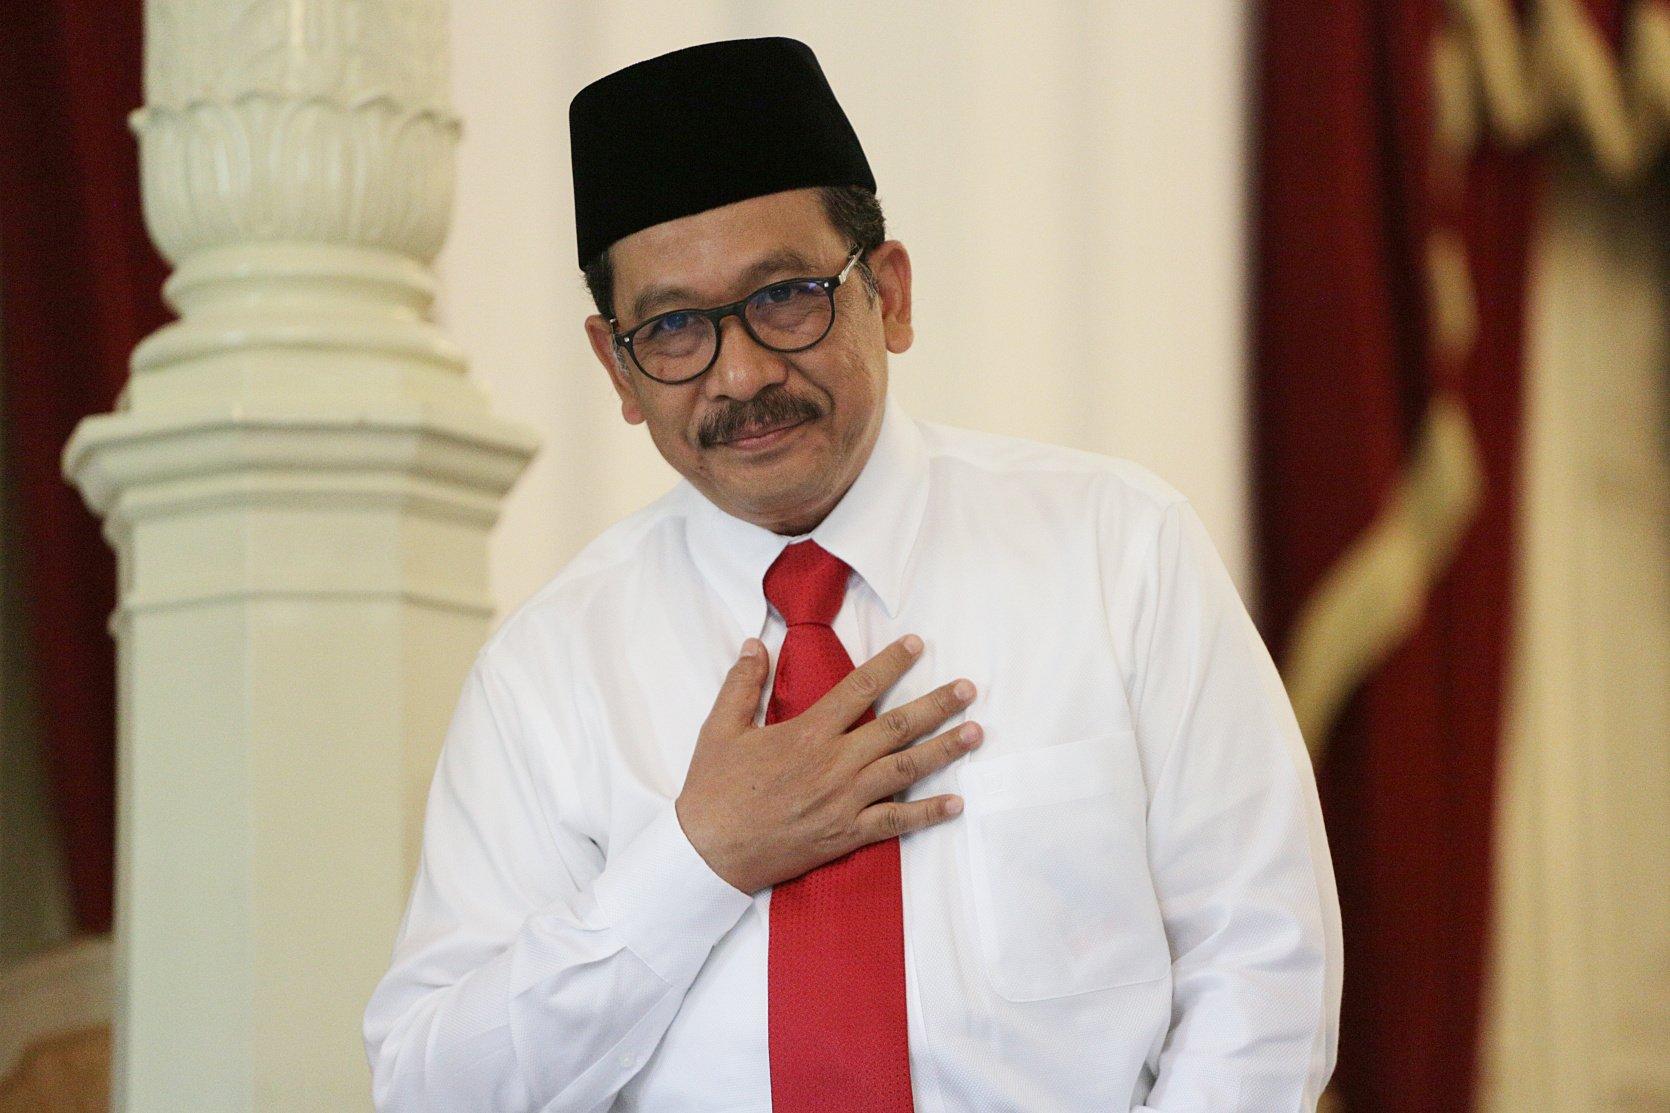 Wakil Menteri Agama, Zainut Tauhid Sa'adi di Istana Merdeka, Jakarta Pusat (25/10/2019). Zainut yang sebelumnya menjabat Wakil Ketua Majelis Ulama Indonesia (MUI) merupakan perwakilan Partai Persatuan Pembangunan (PPP)